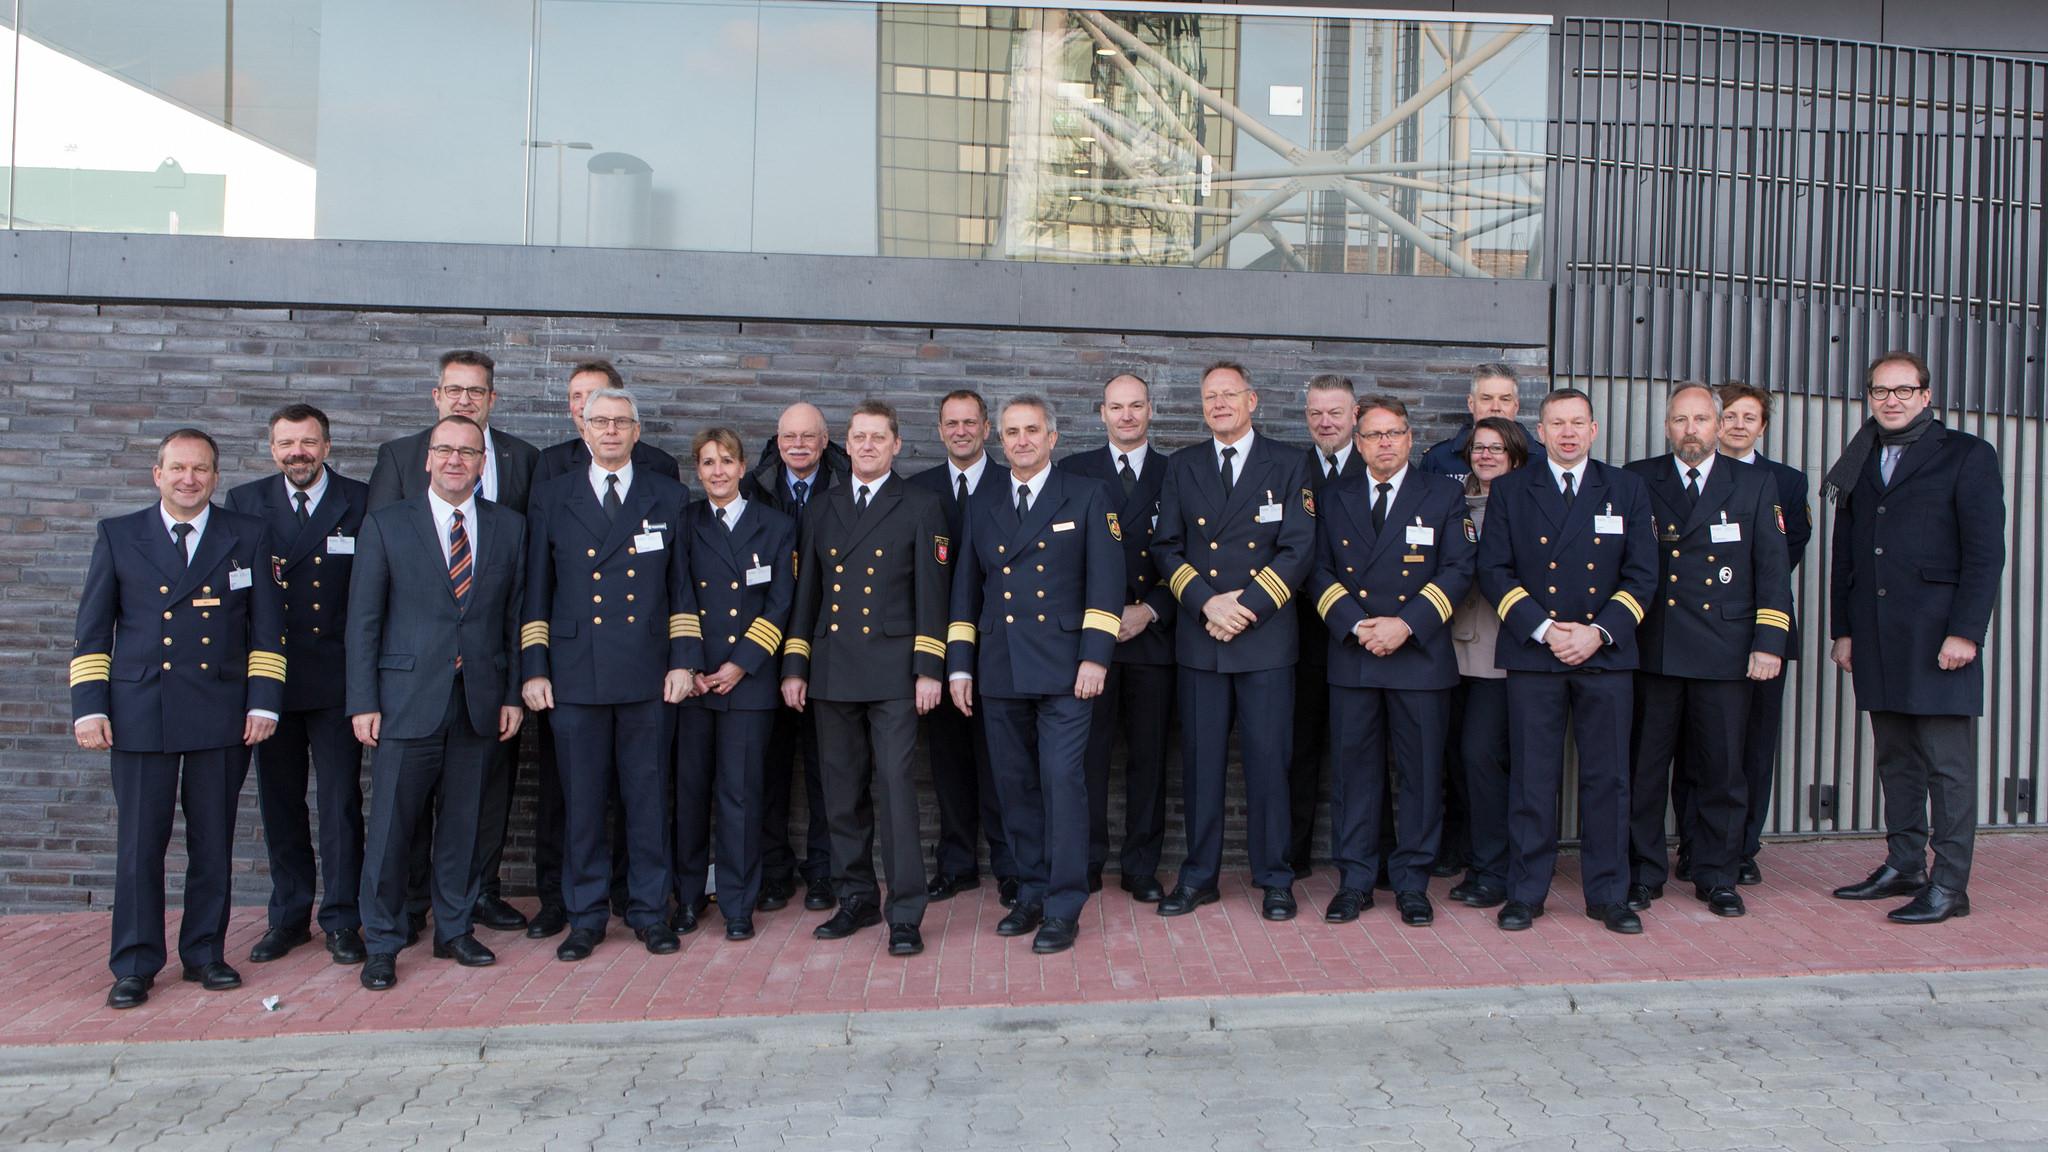 Urgence en direct | Ouverture officielle du Centre de sûreté et de sécurité maritime de Cuxhaven - Galerie de photos image 3